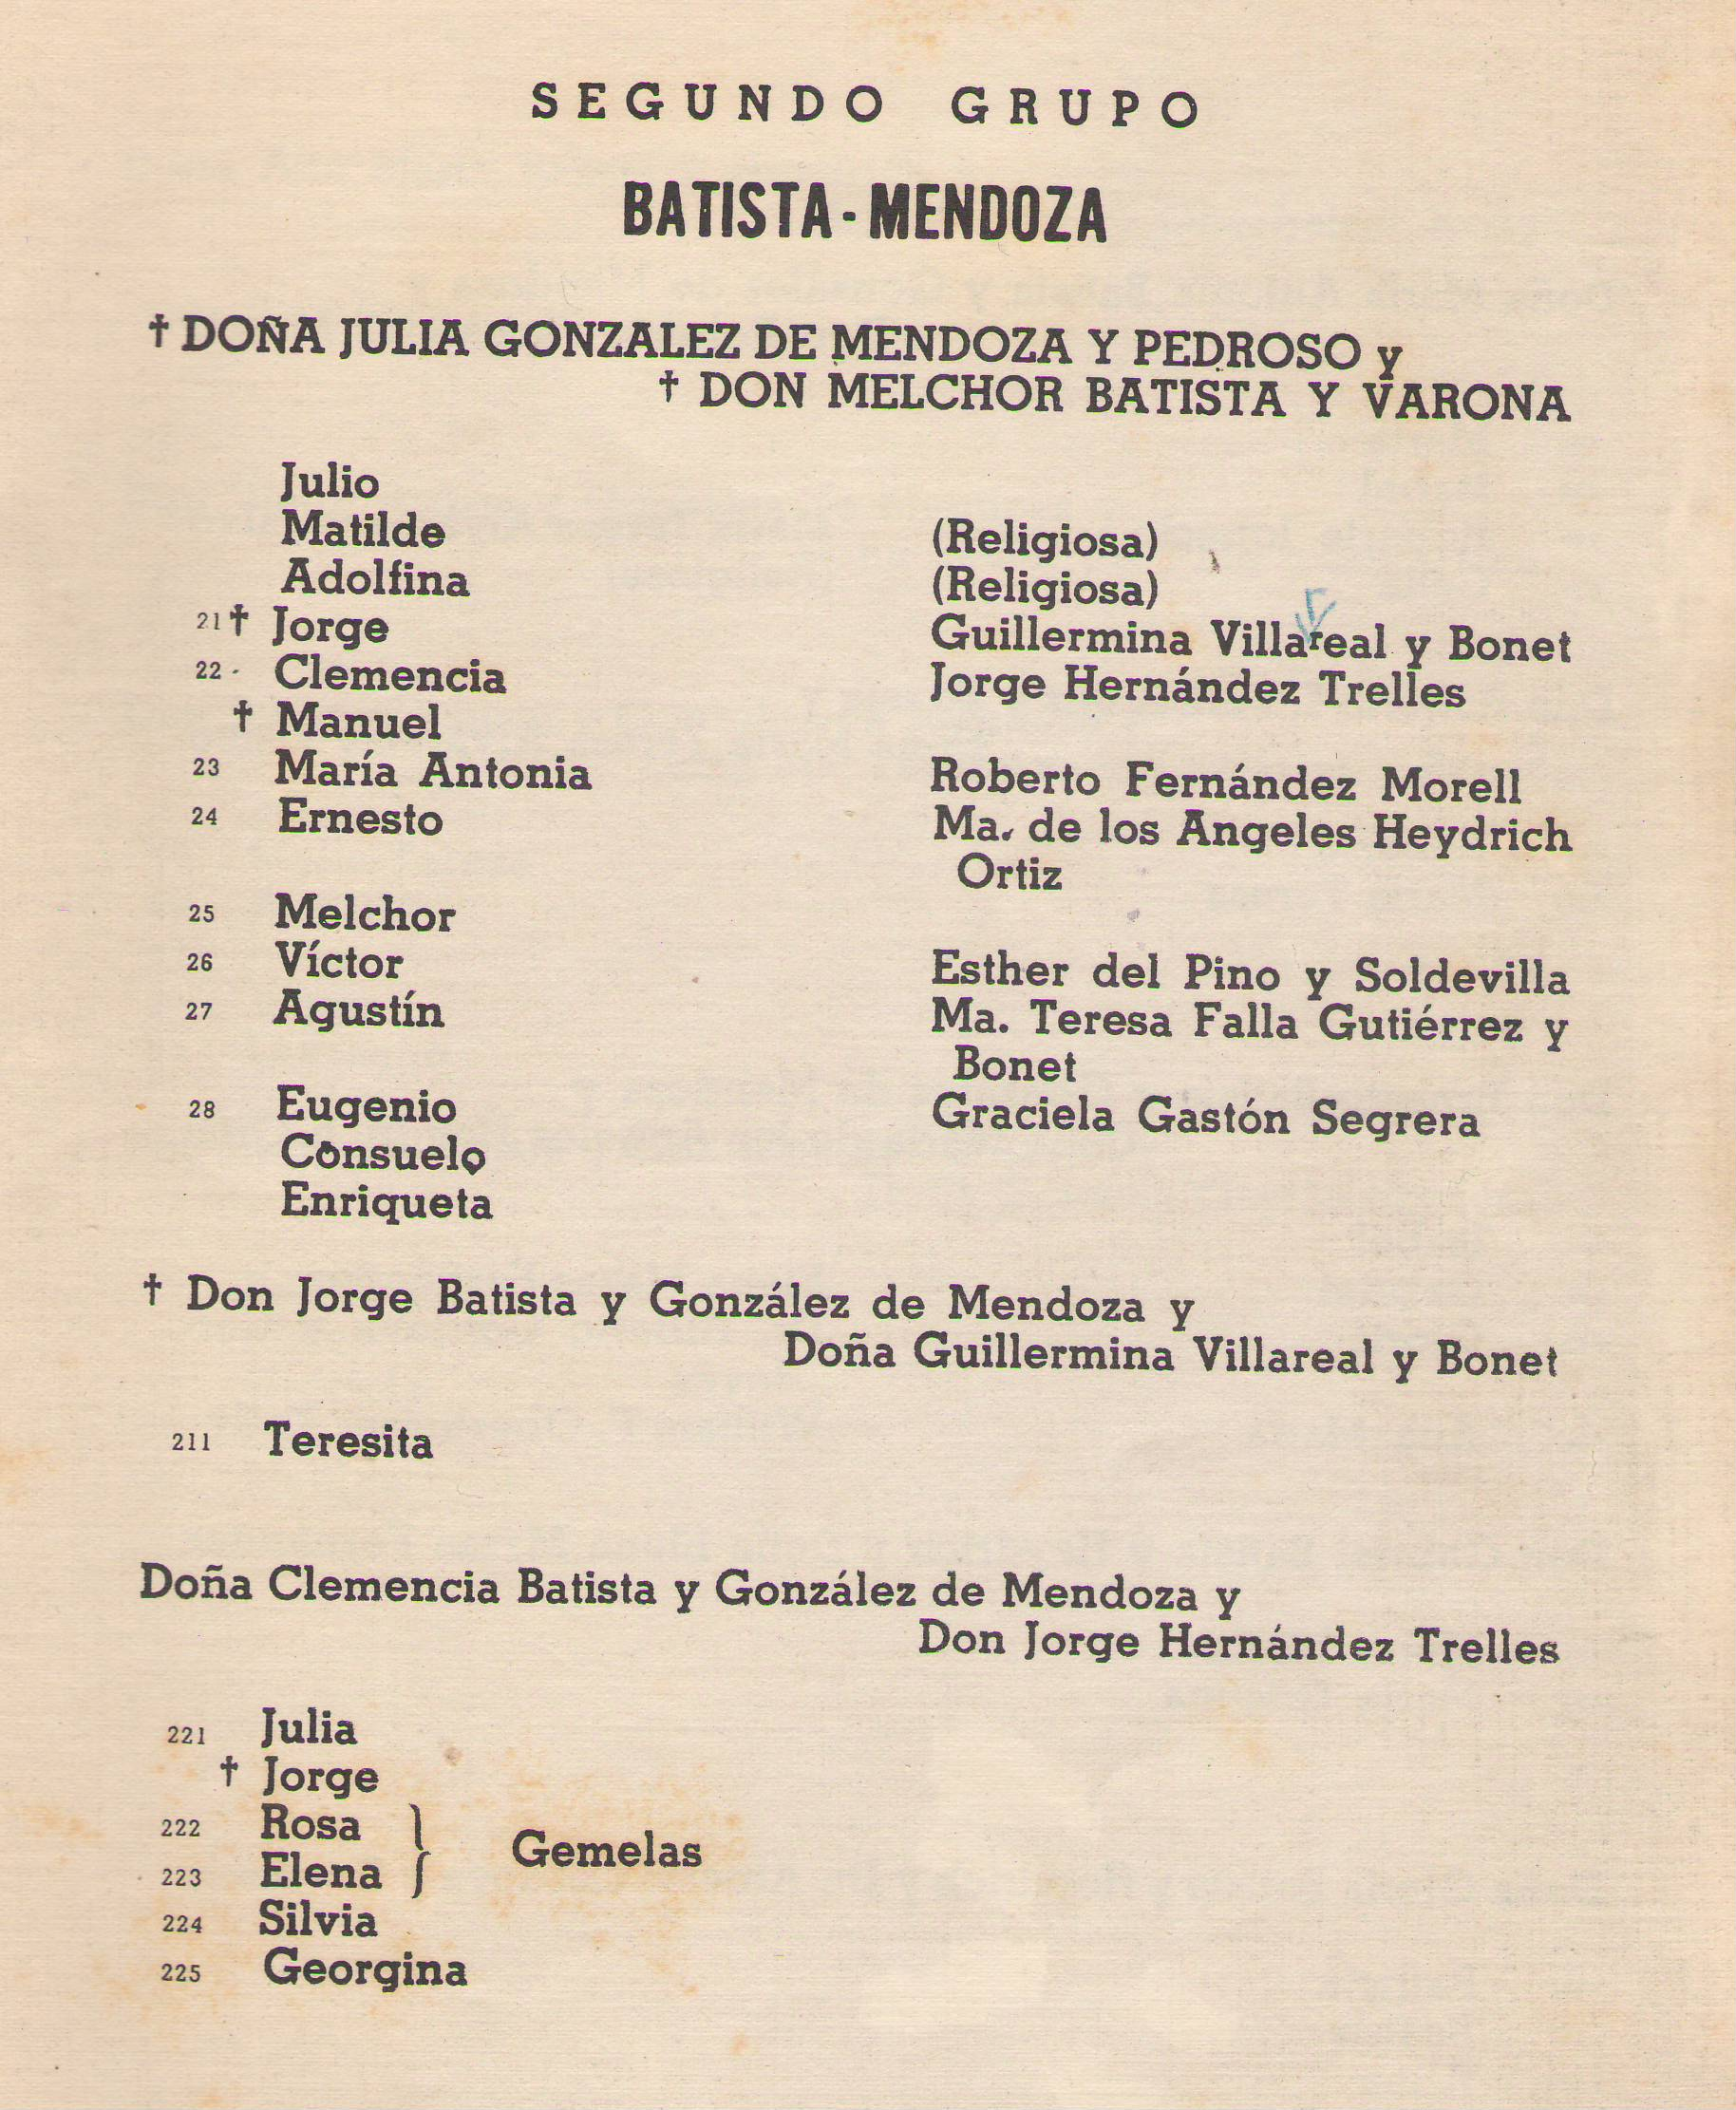 Gonzalez de Mendoza 2   Teresa Casas